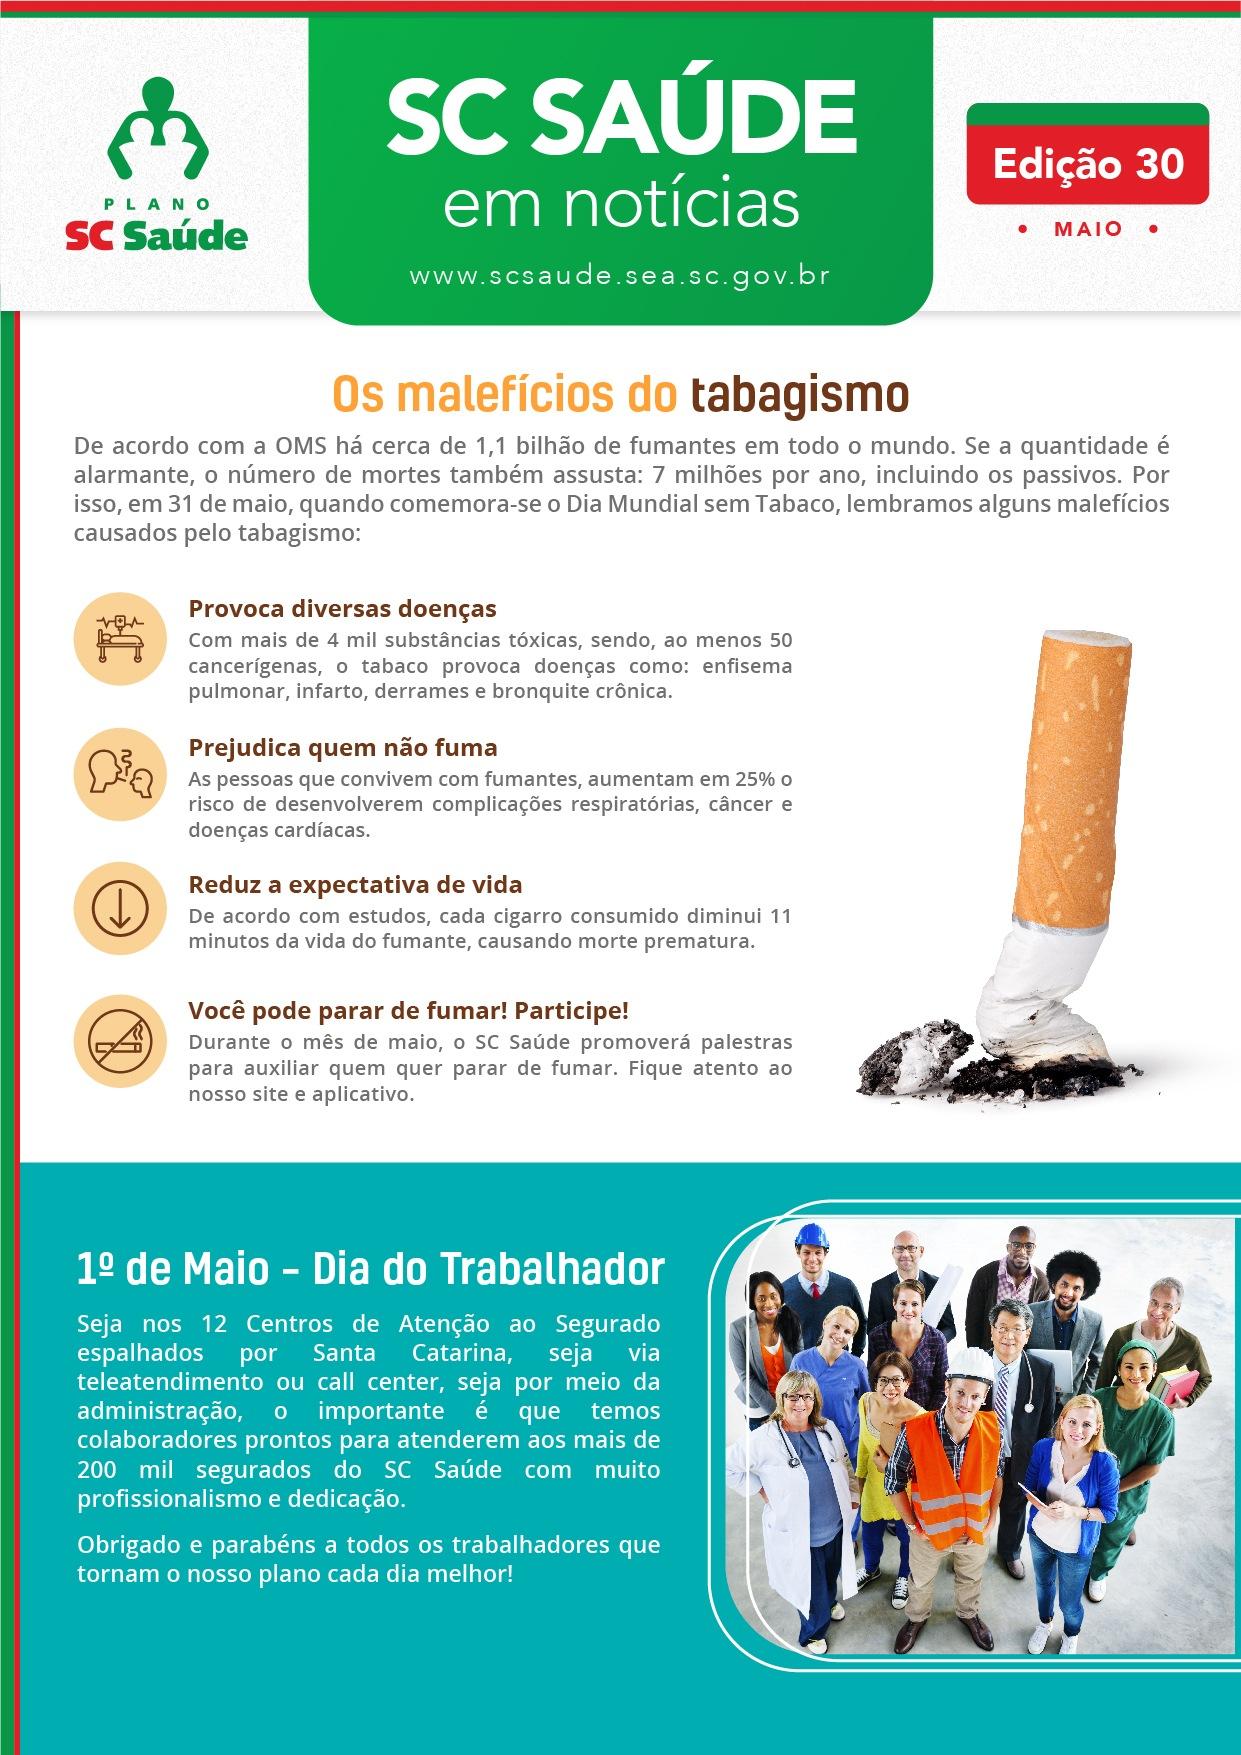 Edição #30 – Os malefícios do tabagismo